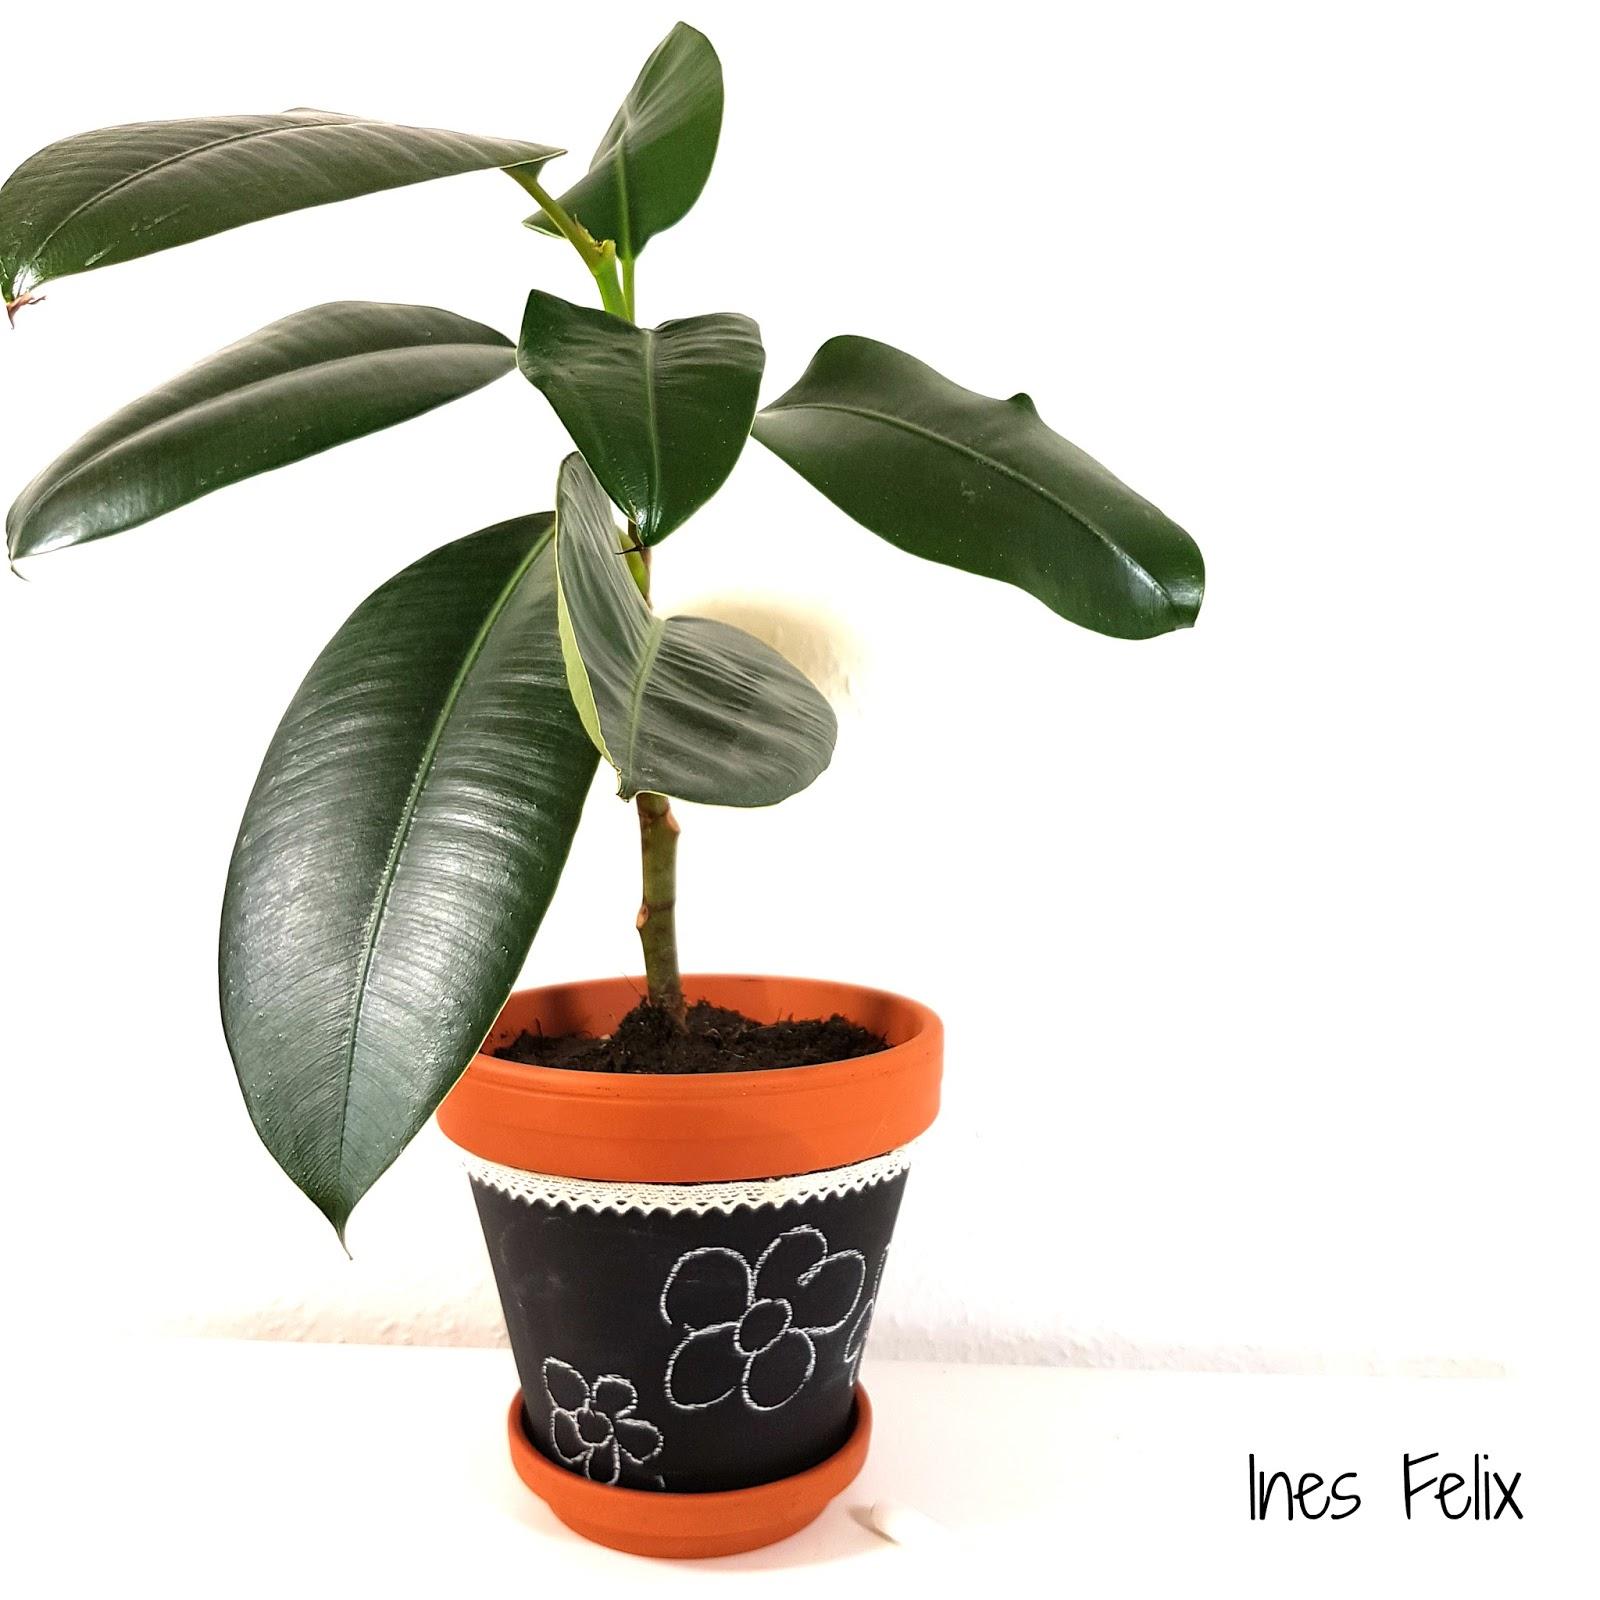 ines felix kreatives zum nachmachen das ist dein gummibaum personalisierte pflanzen. Black Bedroom Furniture Sets. Home Design Ideas